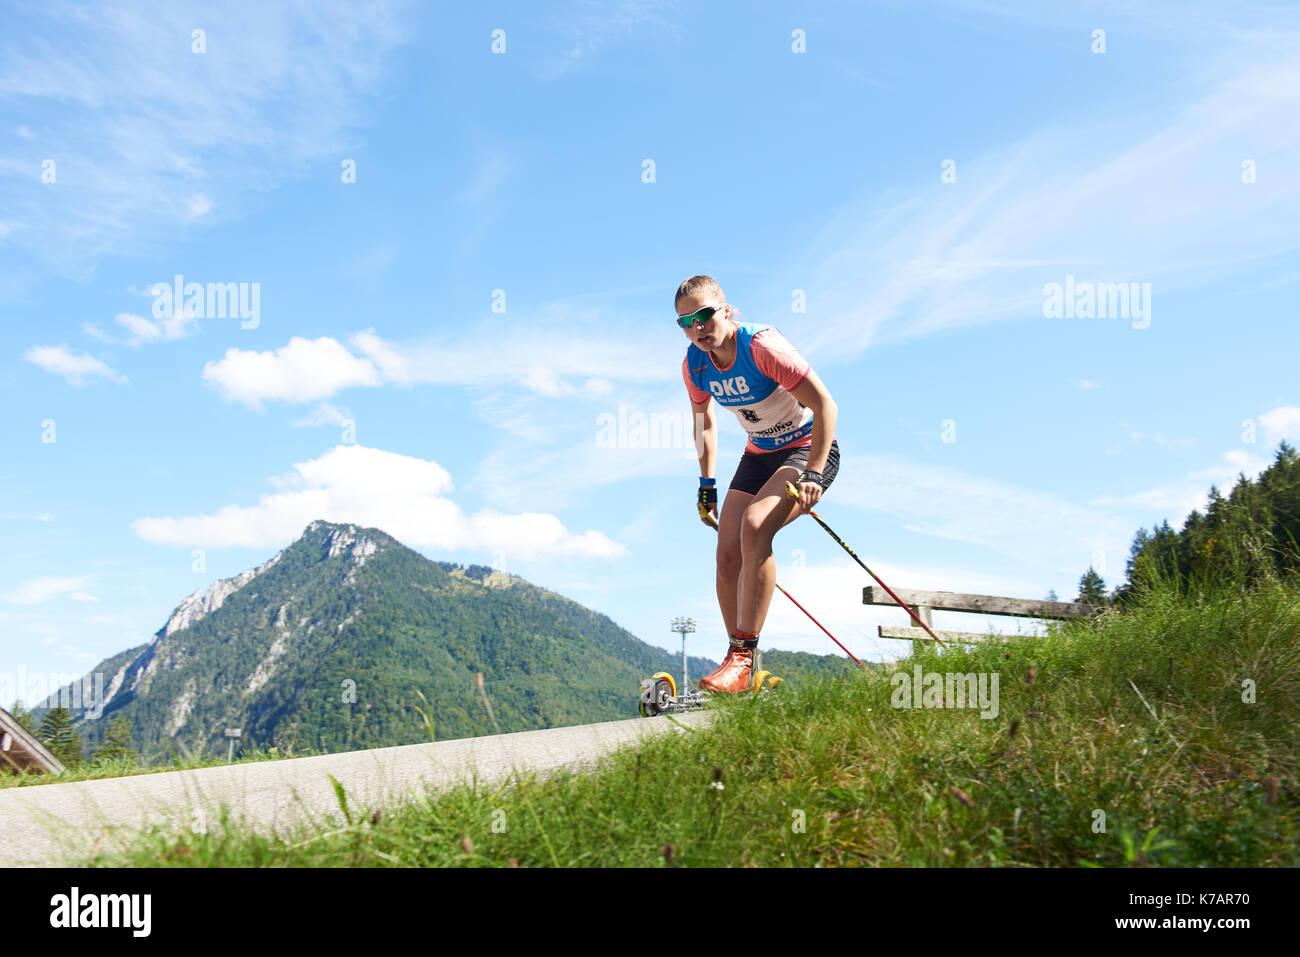 Langlaufen ruhpolding